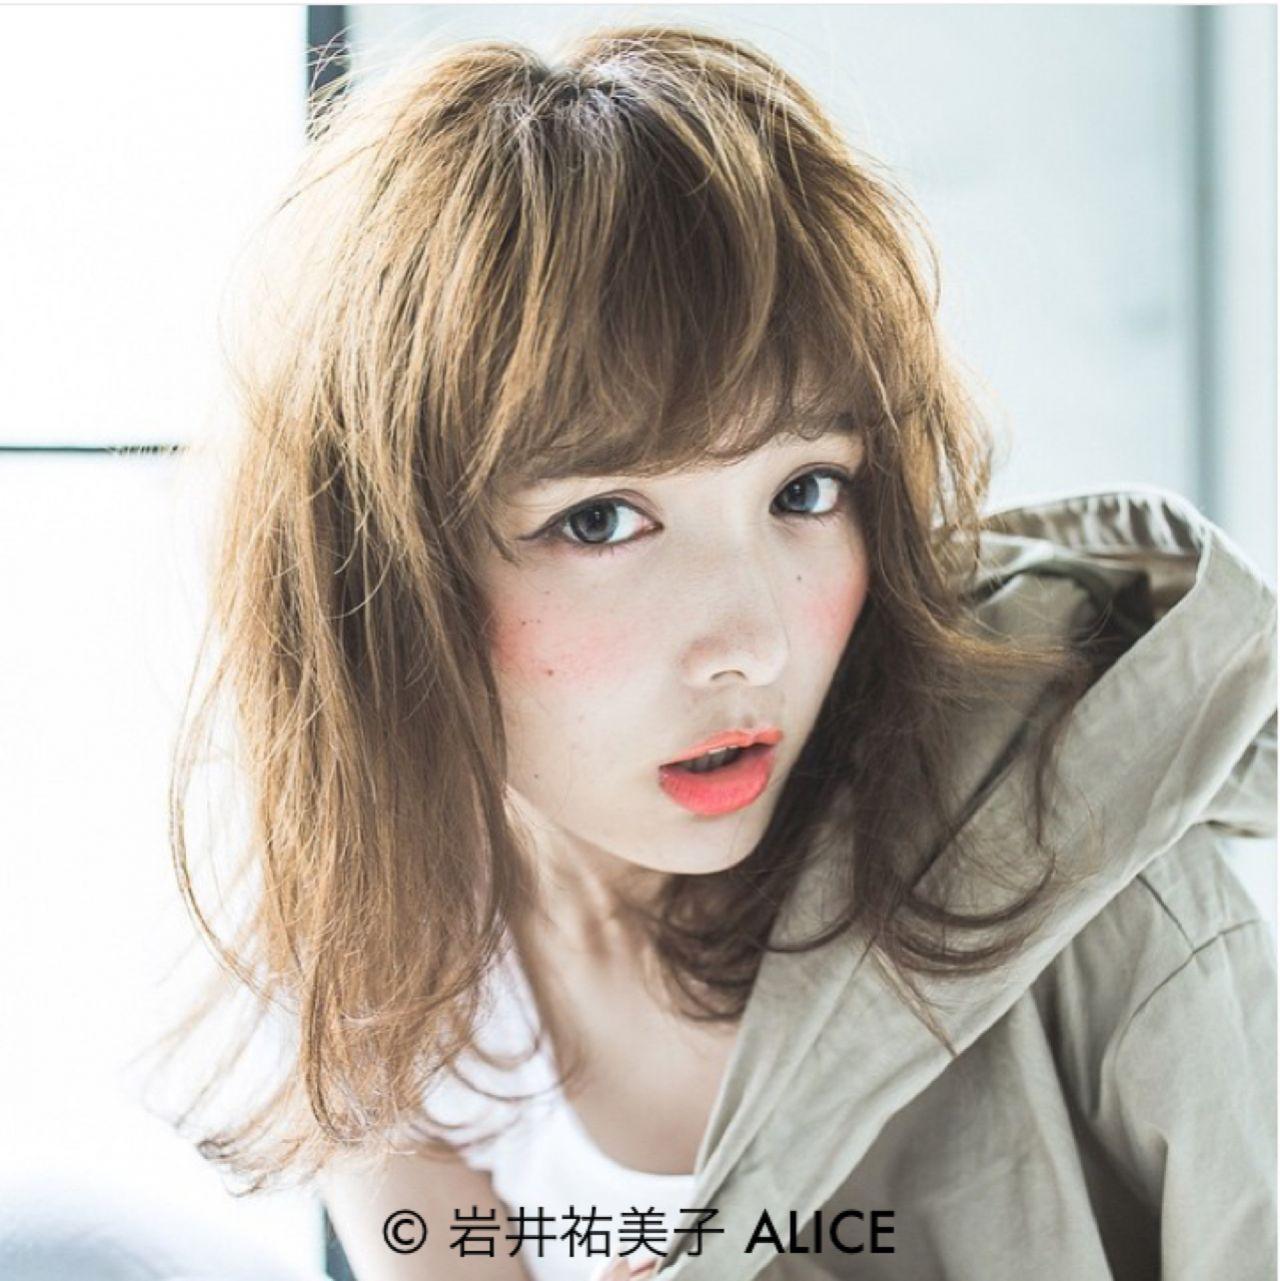 前髪重めスタイルでデカ目&小顔をつくる方法まとめ 岩井祐美子 ALICE